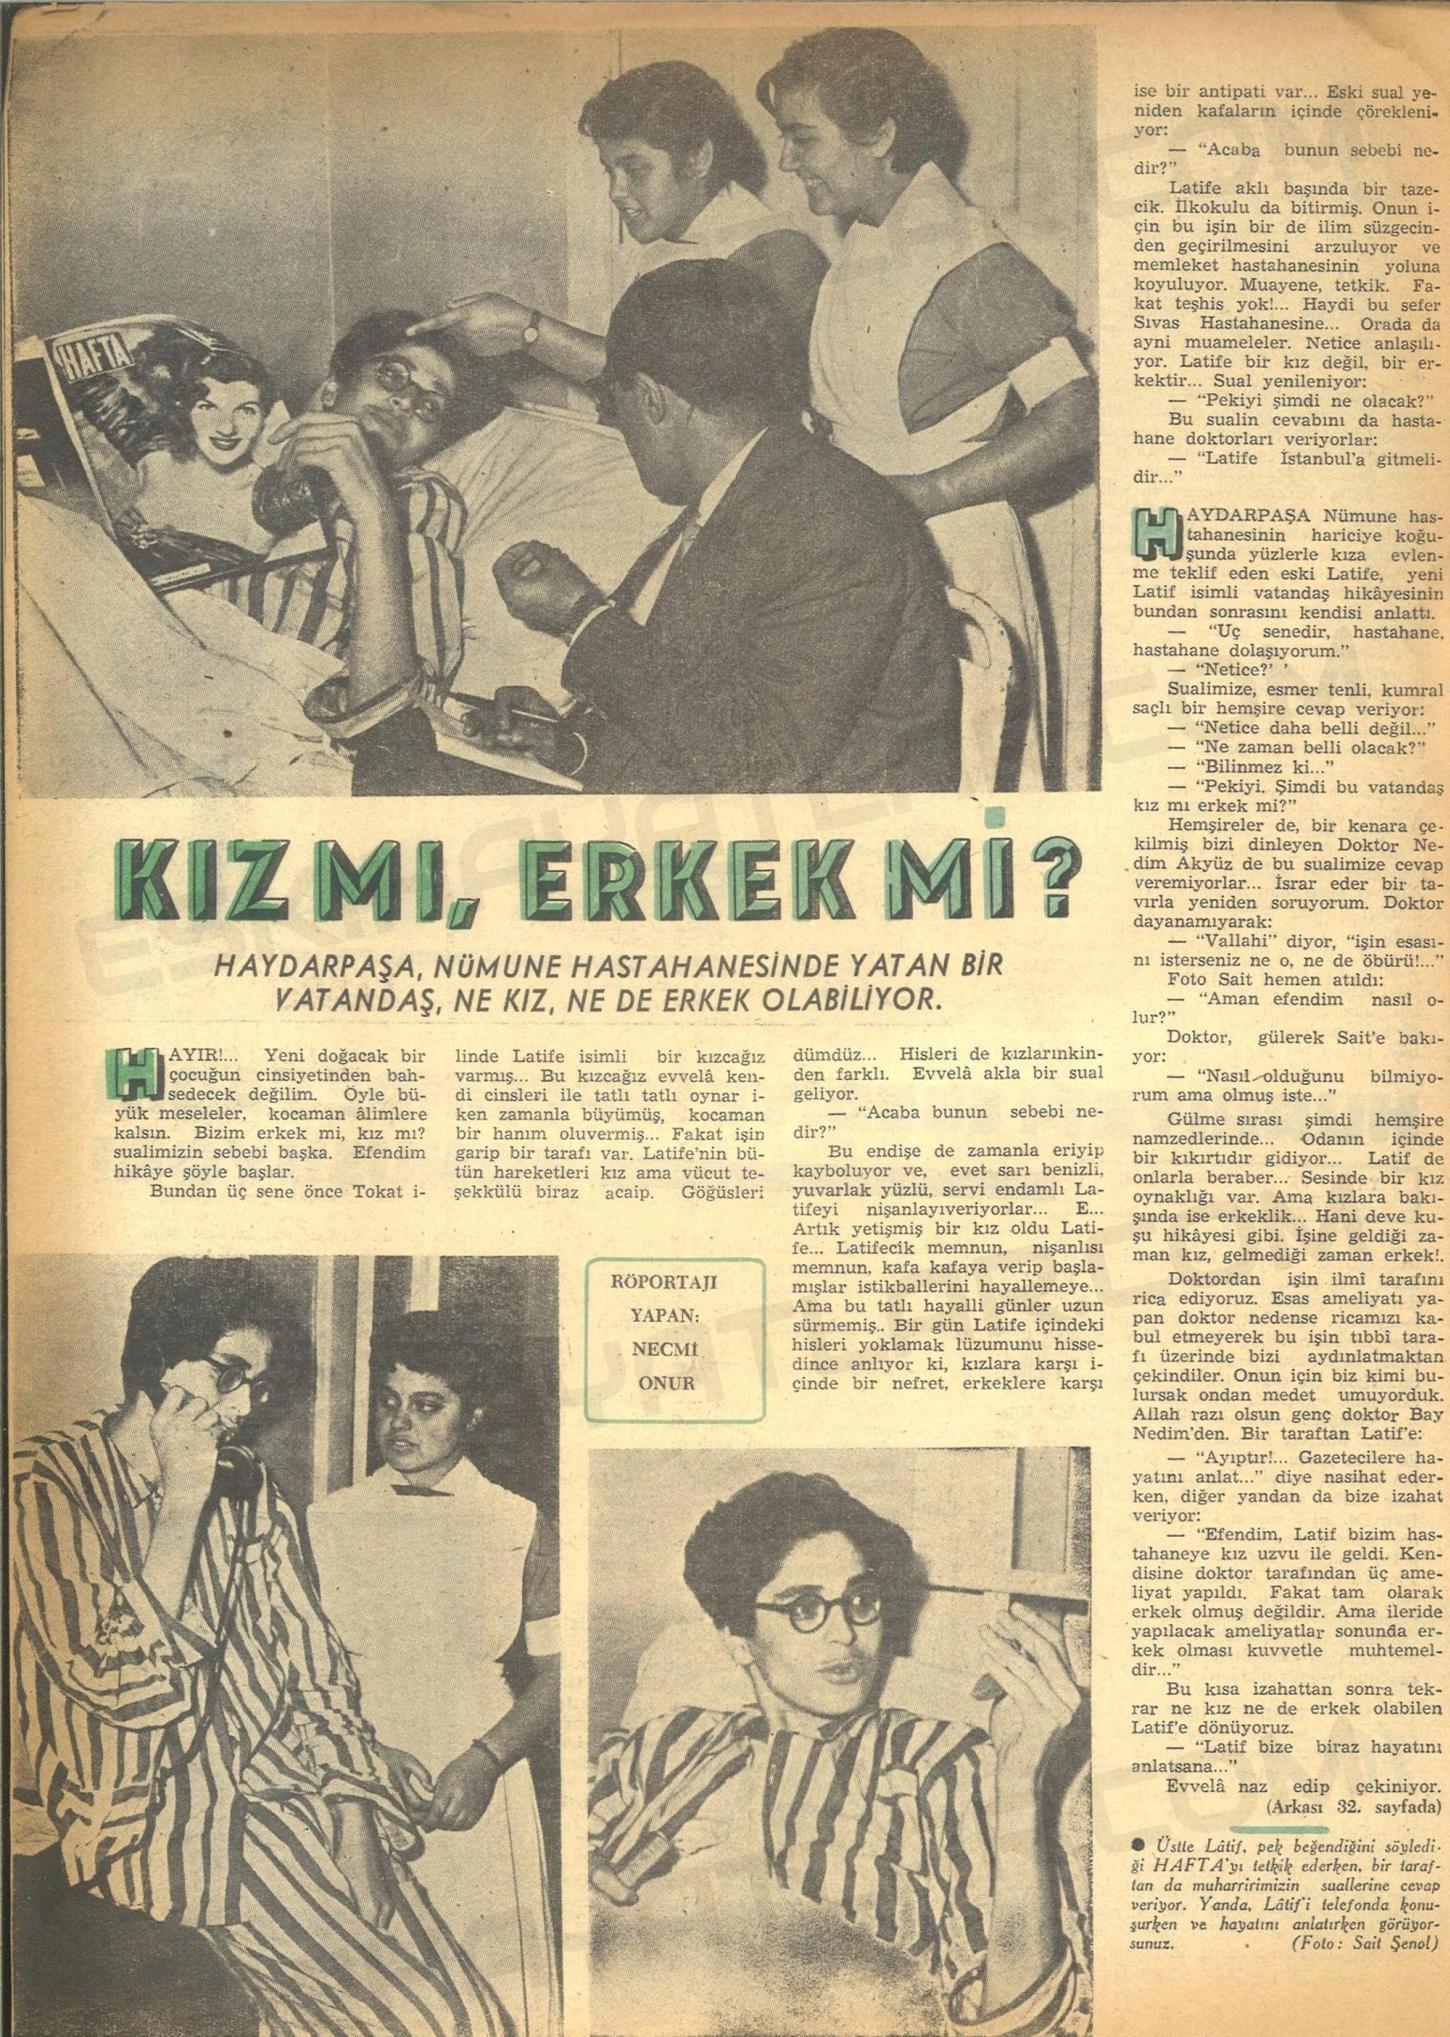 turkiye-nin-ilk-cift-cinsiyetli-insani-hafta-dergisi-1954-arsivi (0)